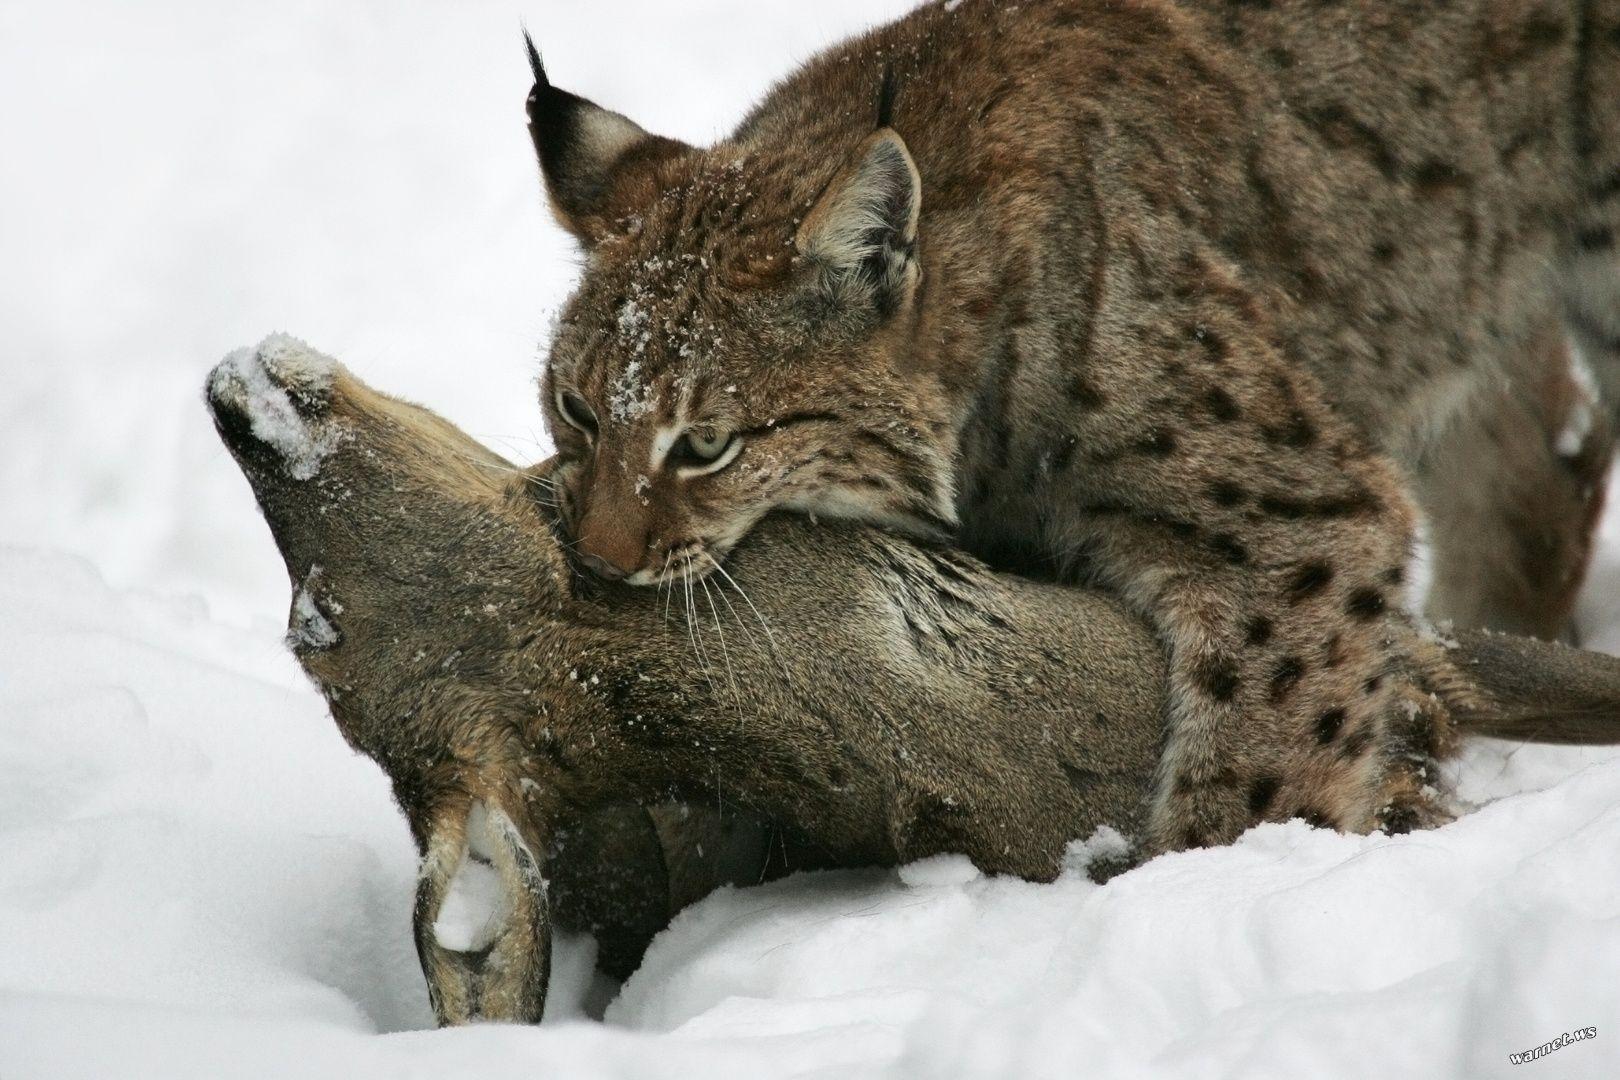 картинка рысь и заяц